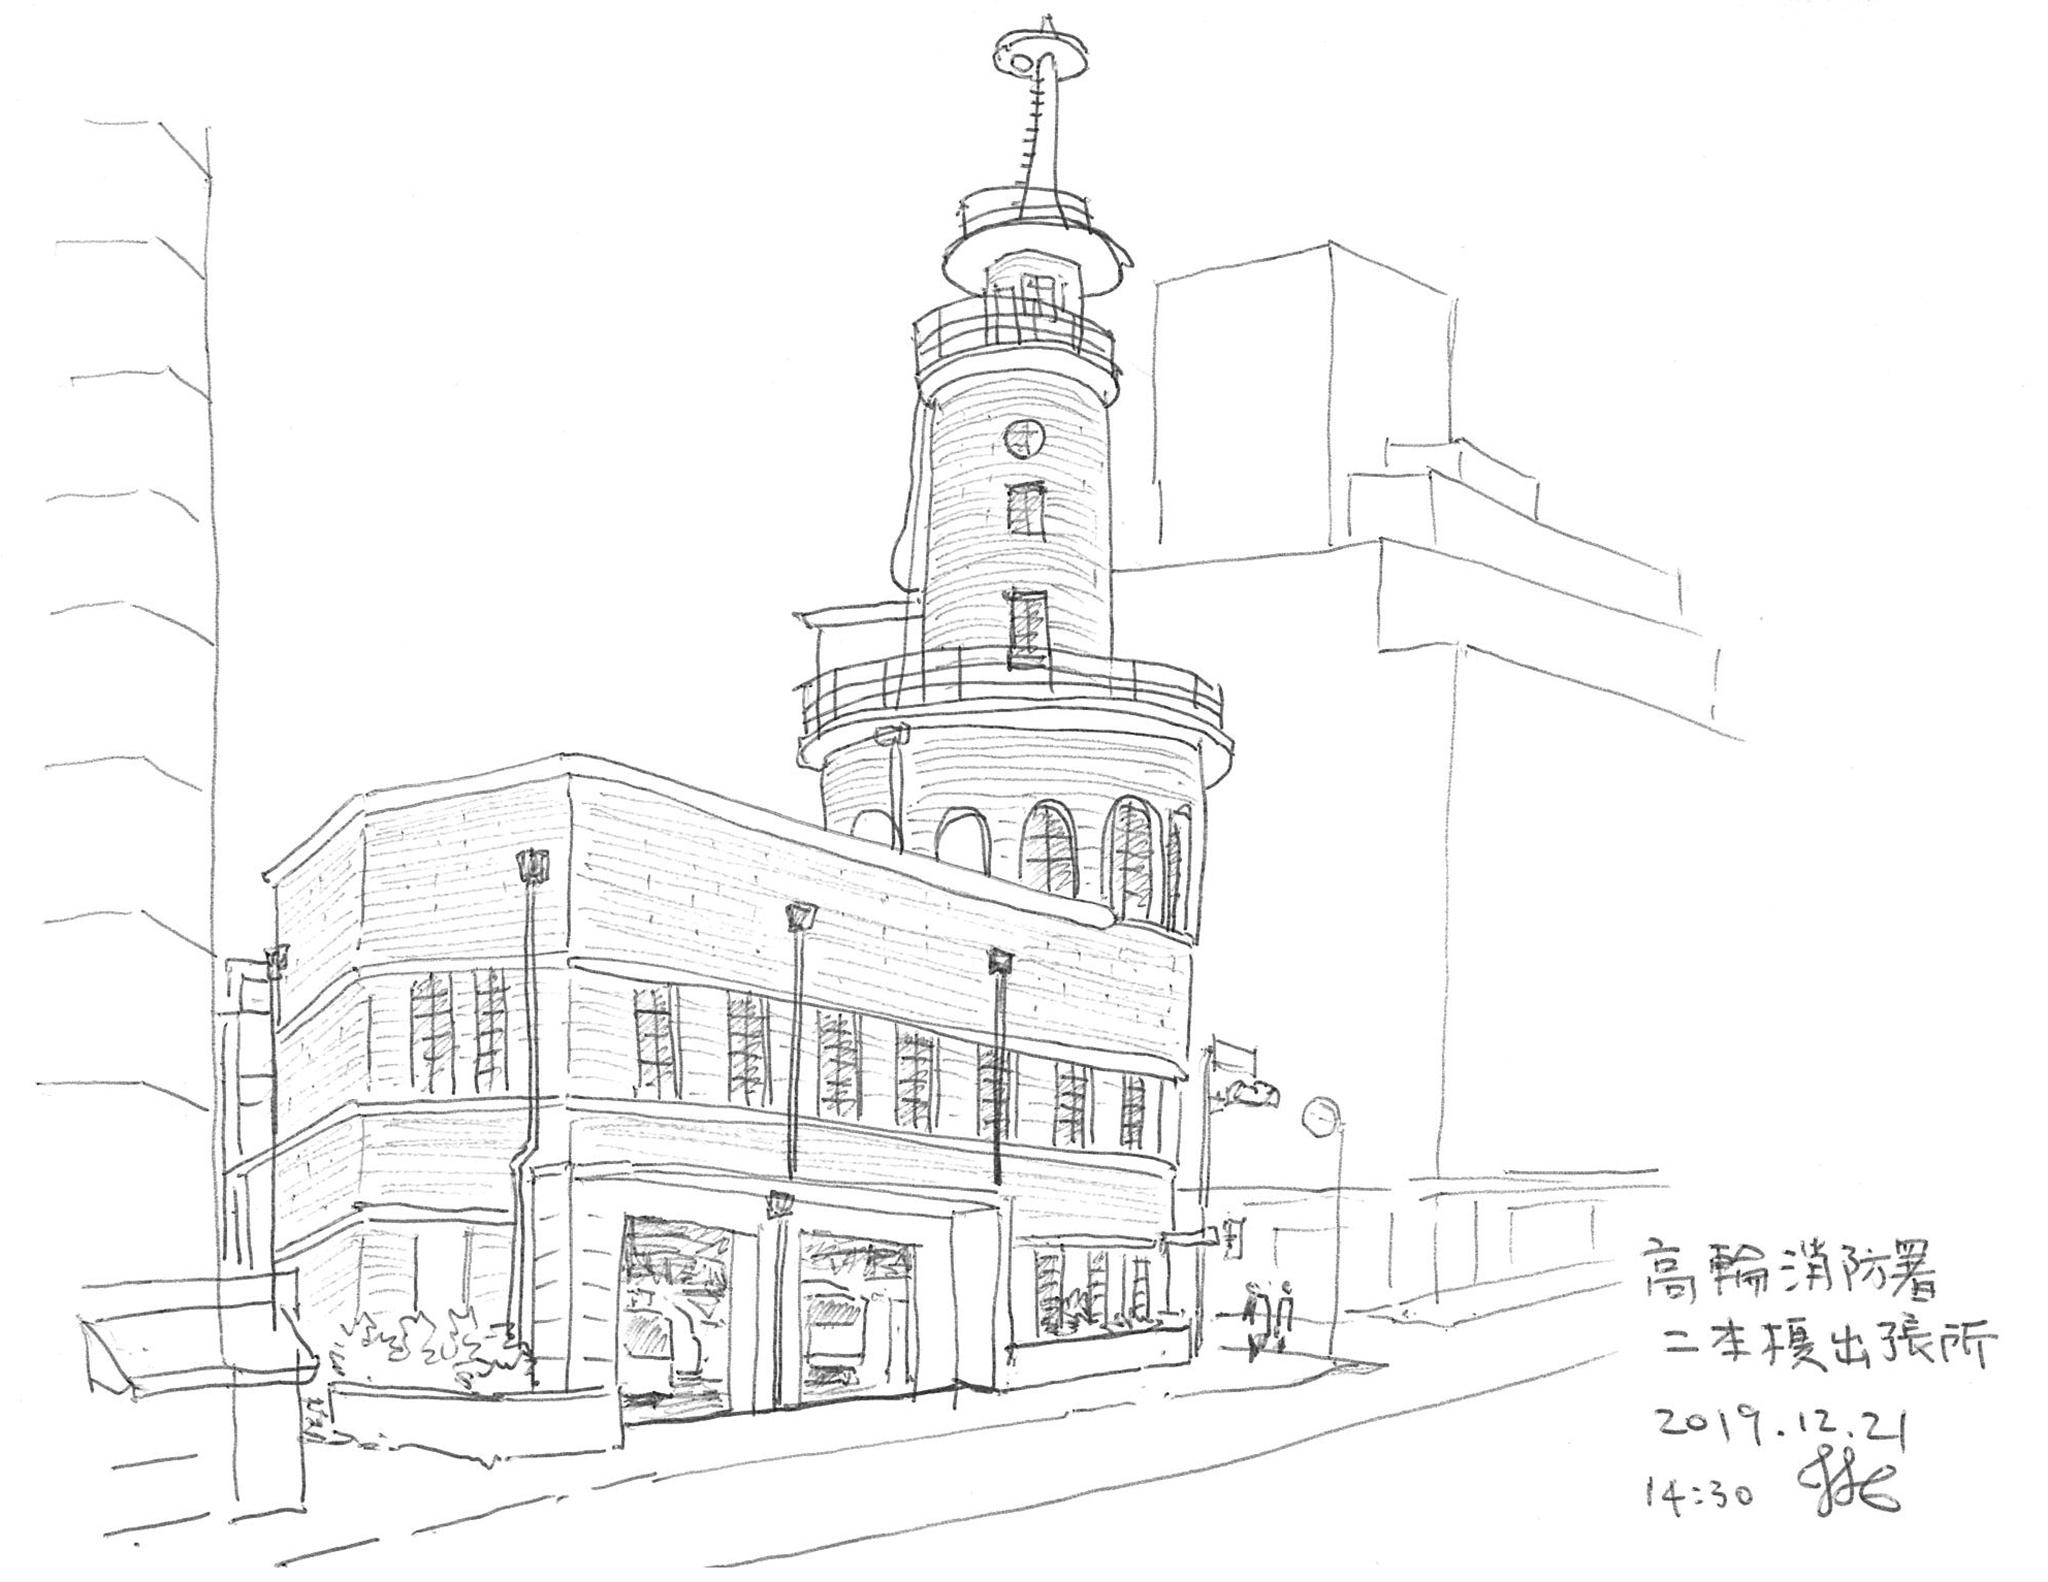 神田順 まちの中の建築スケッチ 高輪消防署二本榎出張所